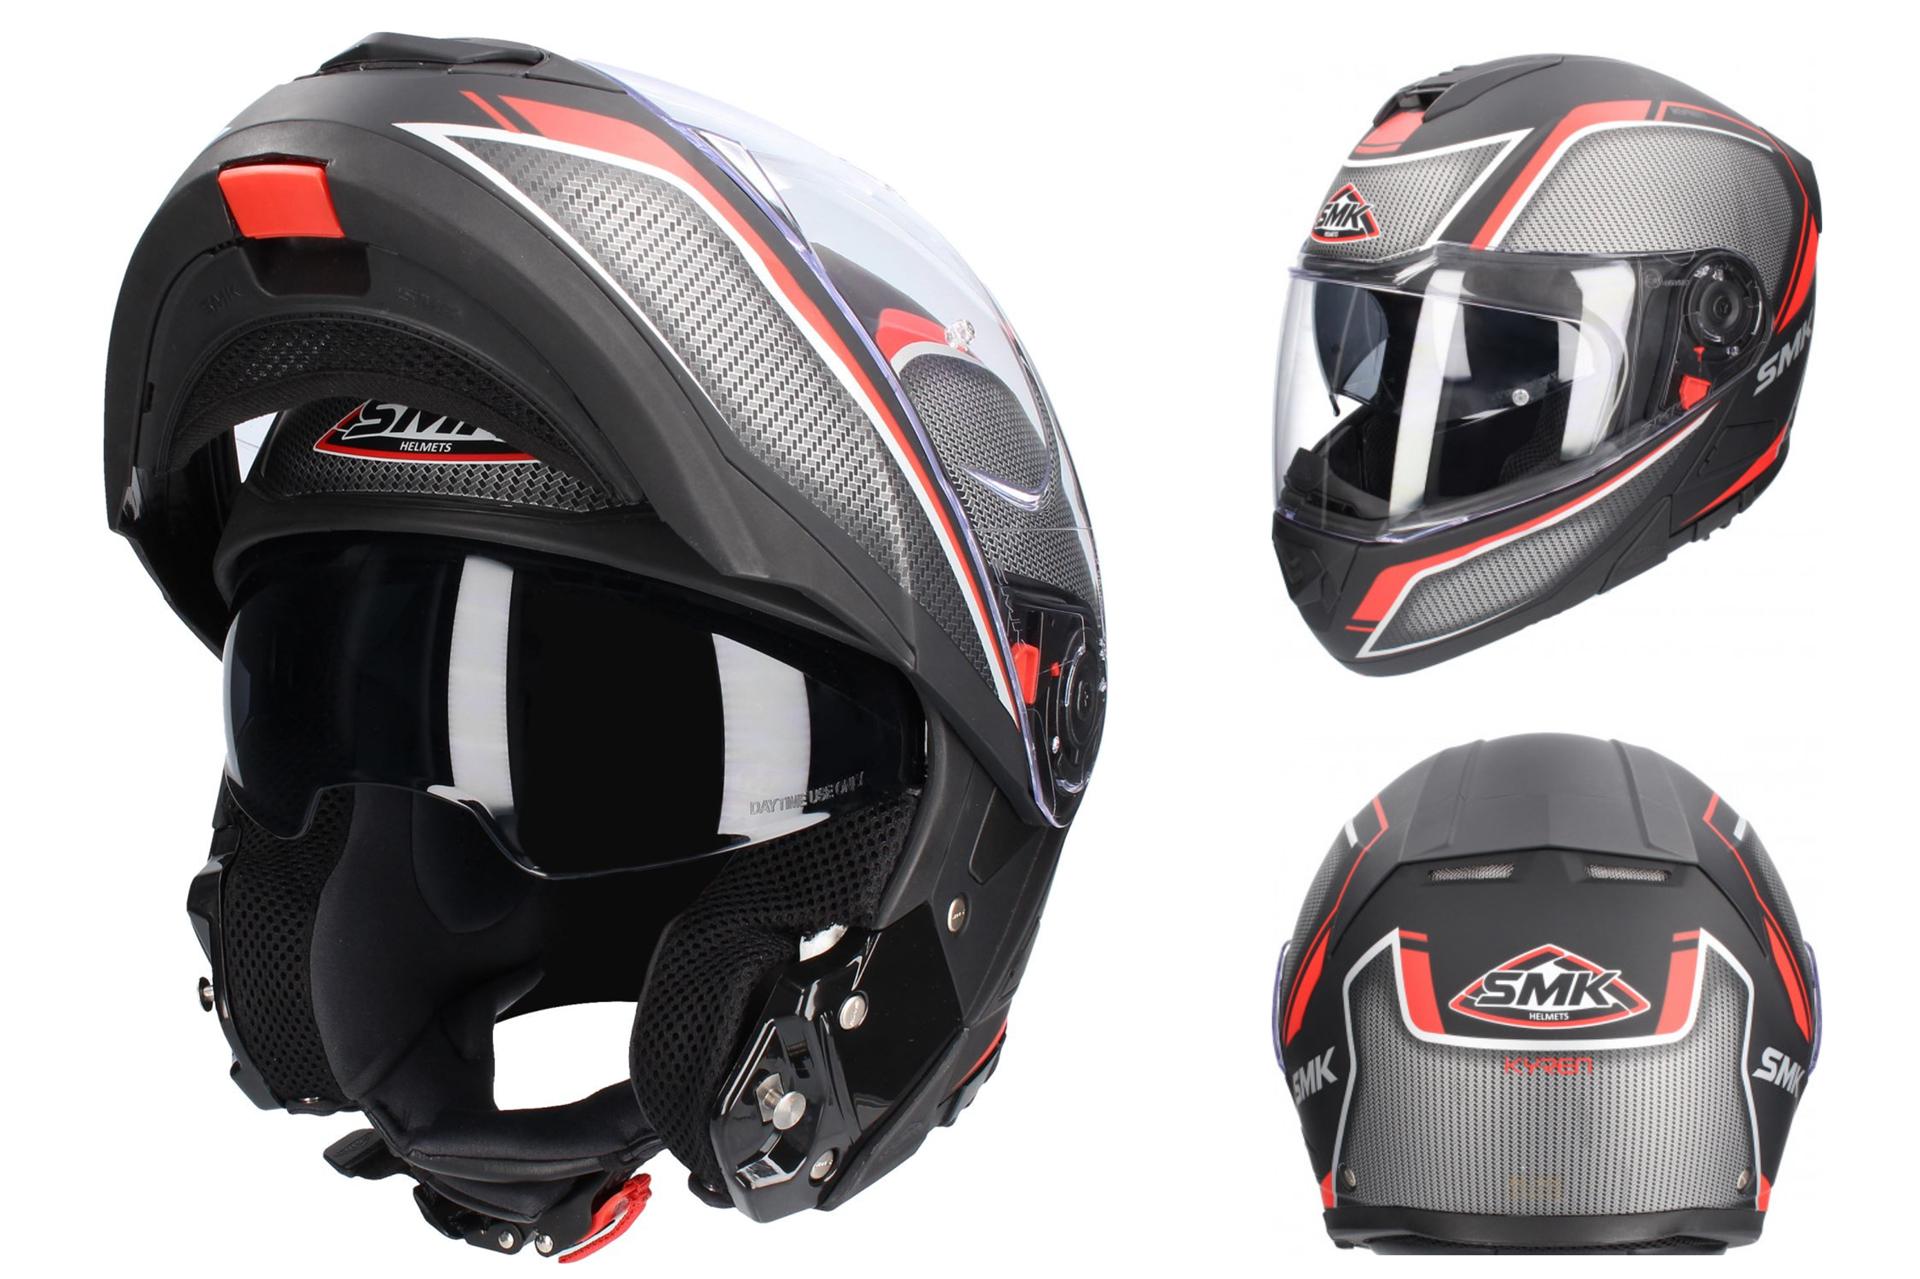 e78b849b3db O SMK Glide apresenta-se como uma proposta muito competitiva dentro do  segmento dos capacetes modulares, tendo sido projetado para responder às  necessidades ...